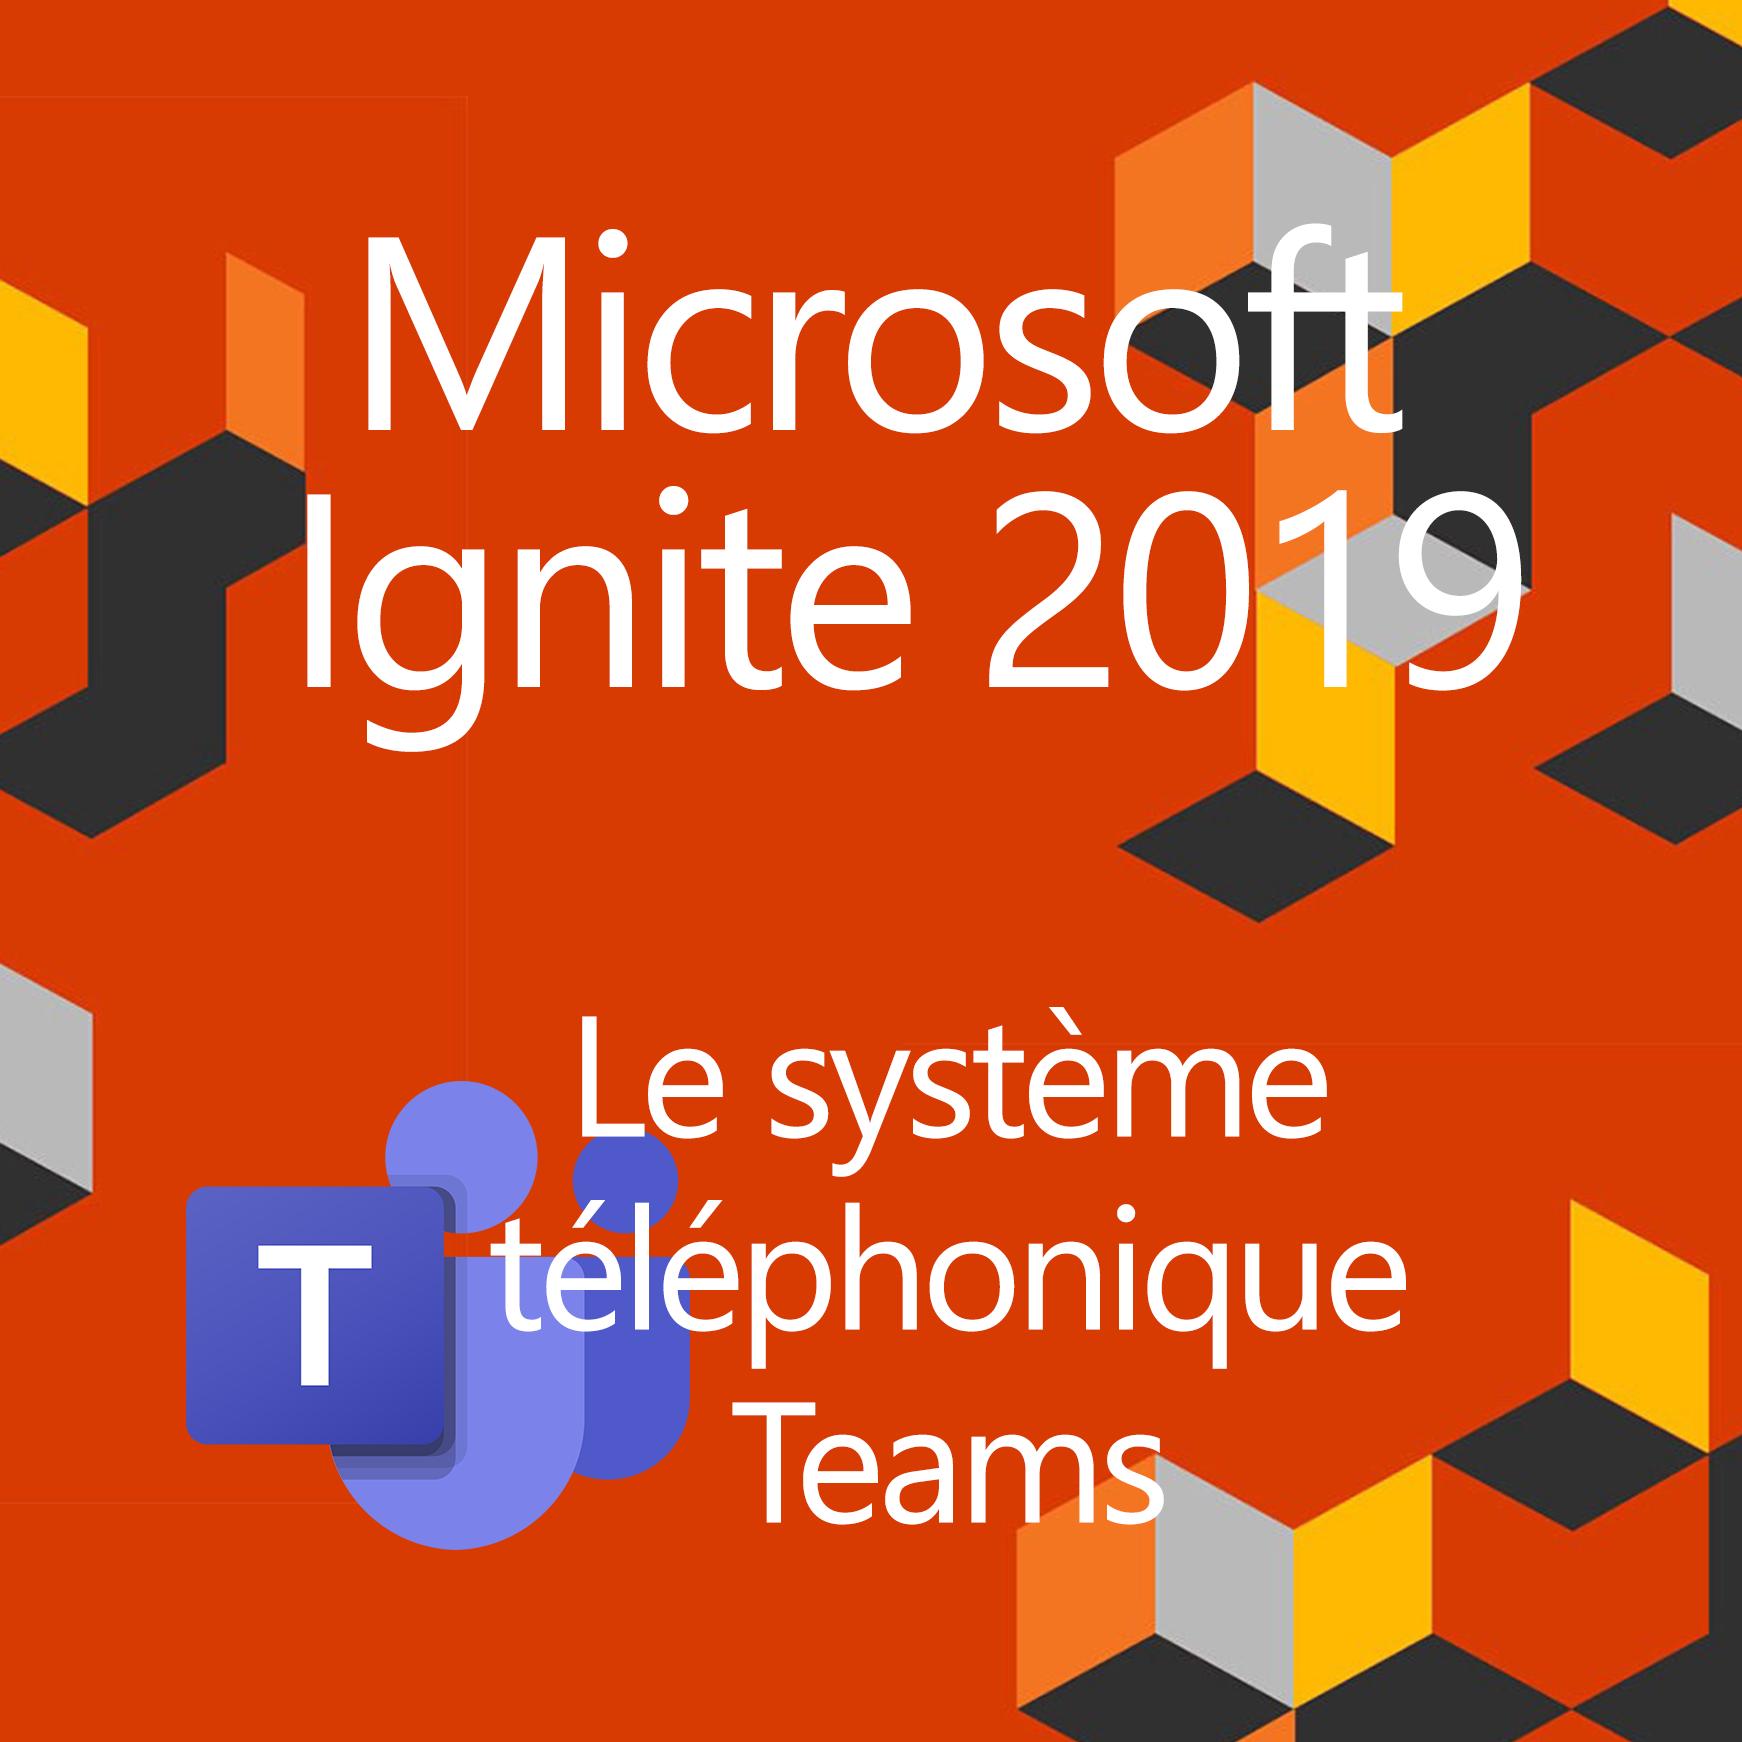 Les nouveautés téléphonie Teams Ignite 2019